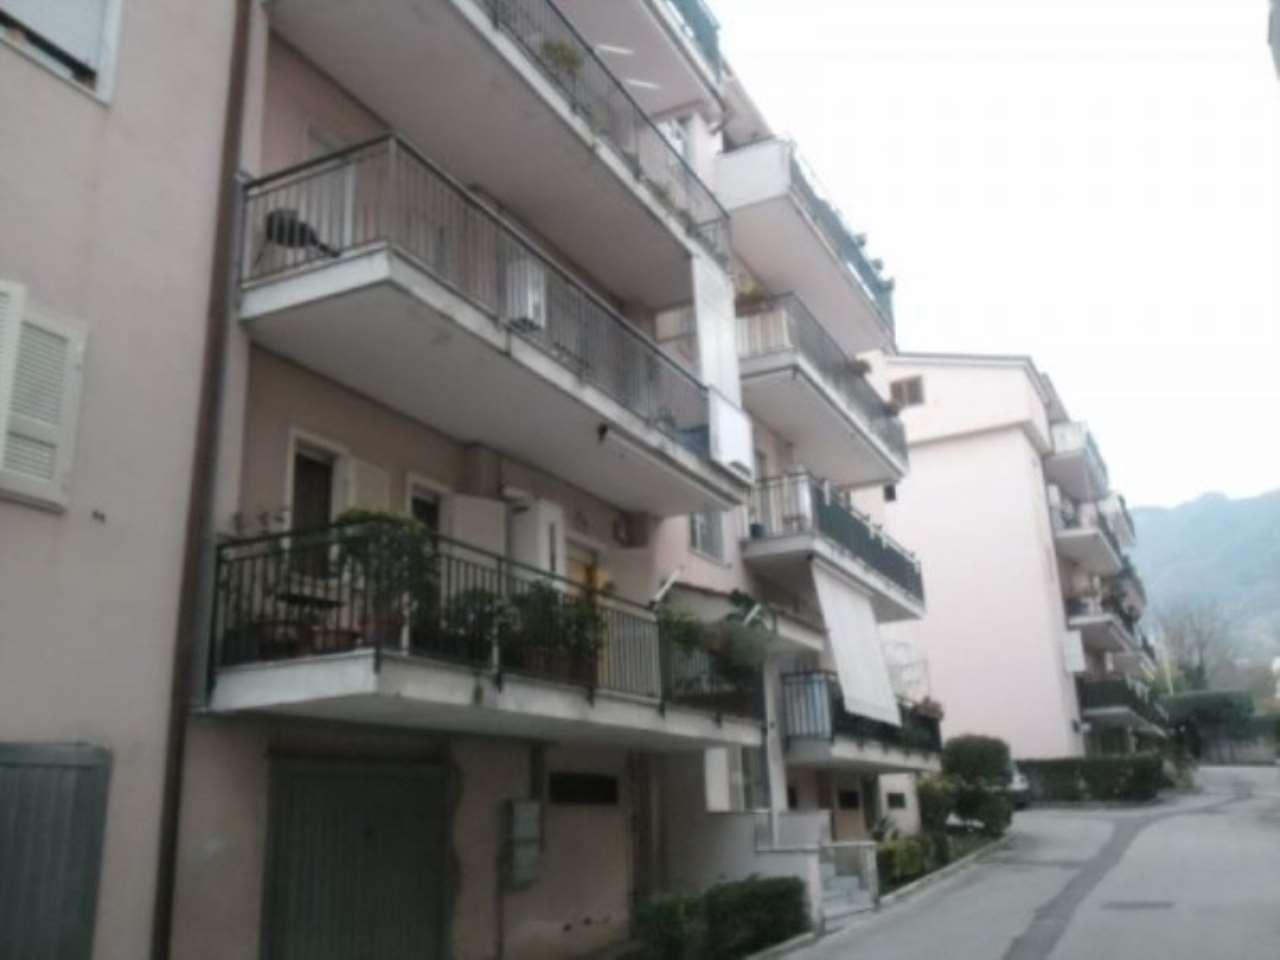 Appartamento in vendita a Somma Vesuviana, 5 locali, prezzo € 230.000 | CambioCasa.it